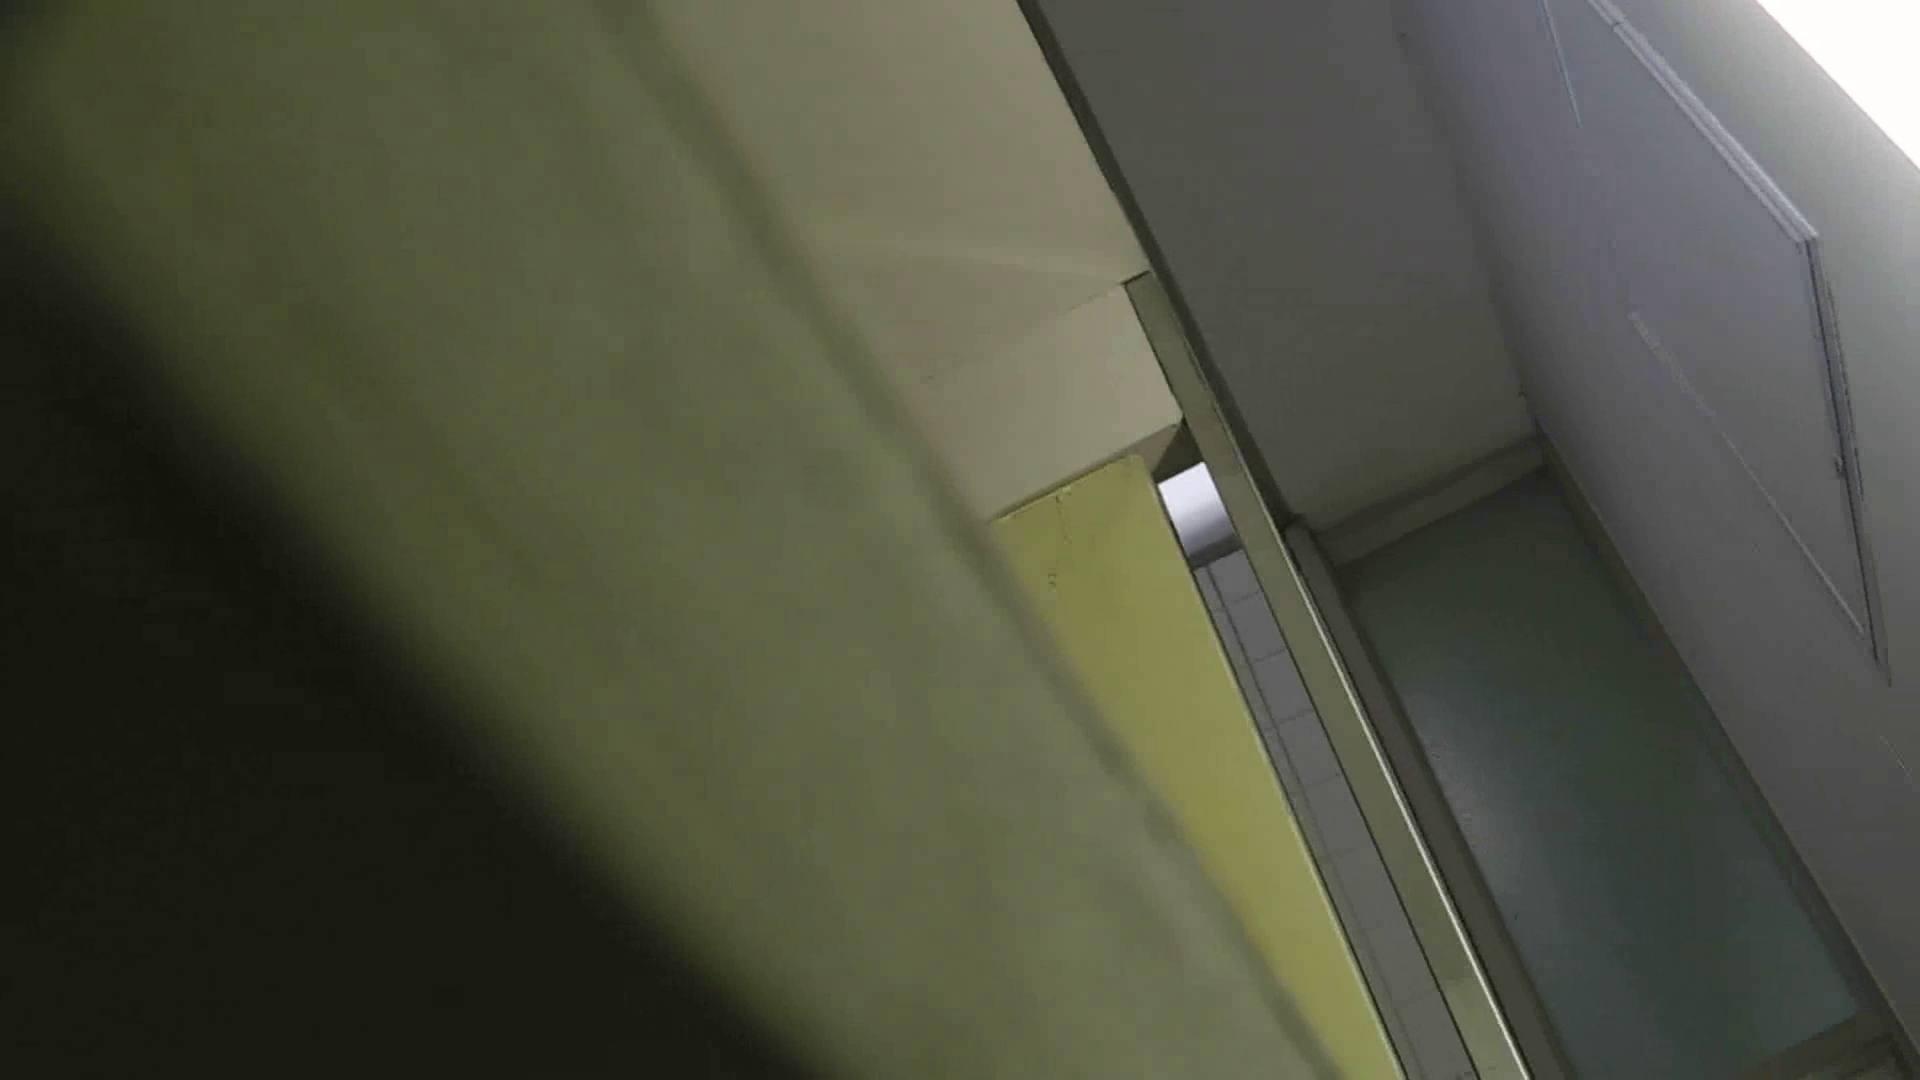 【美しき個室な世界】 vol.023 めんこい人たち 洗面所  100pic 40